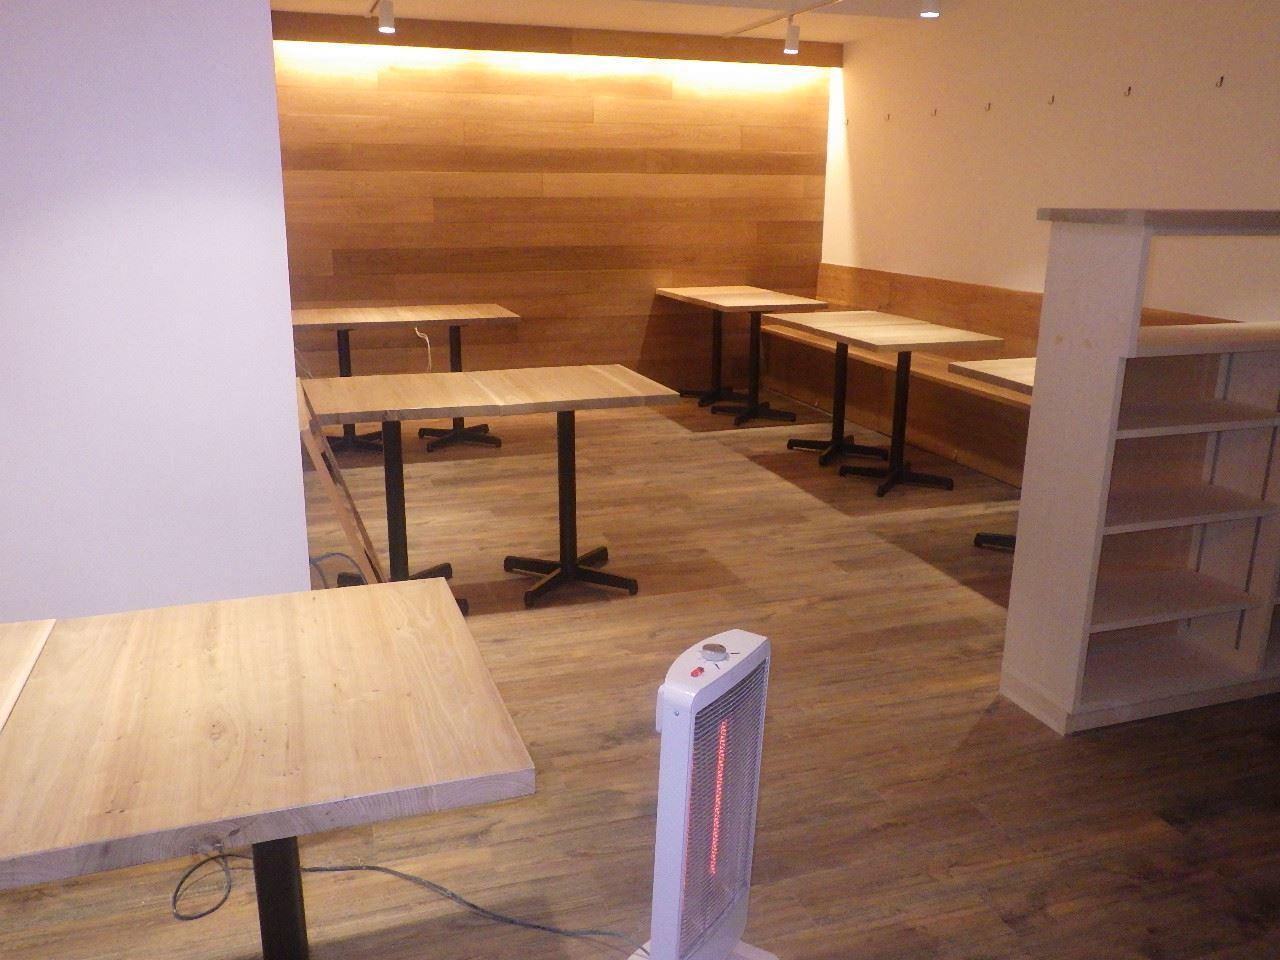 ベアレン醸造所様 駅前新店舗開店工事 工事完了へ!_f0105112_06322285.jpg